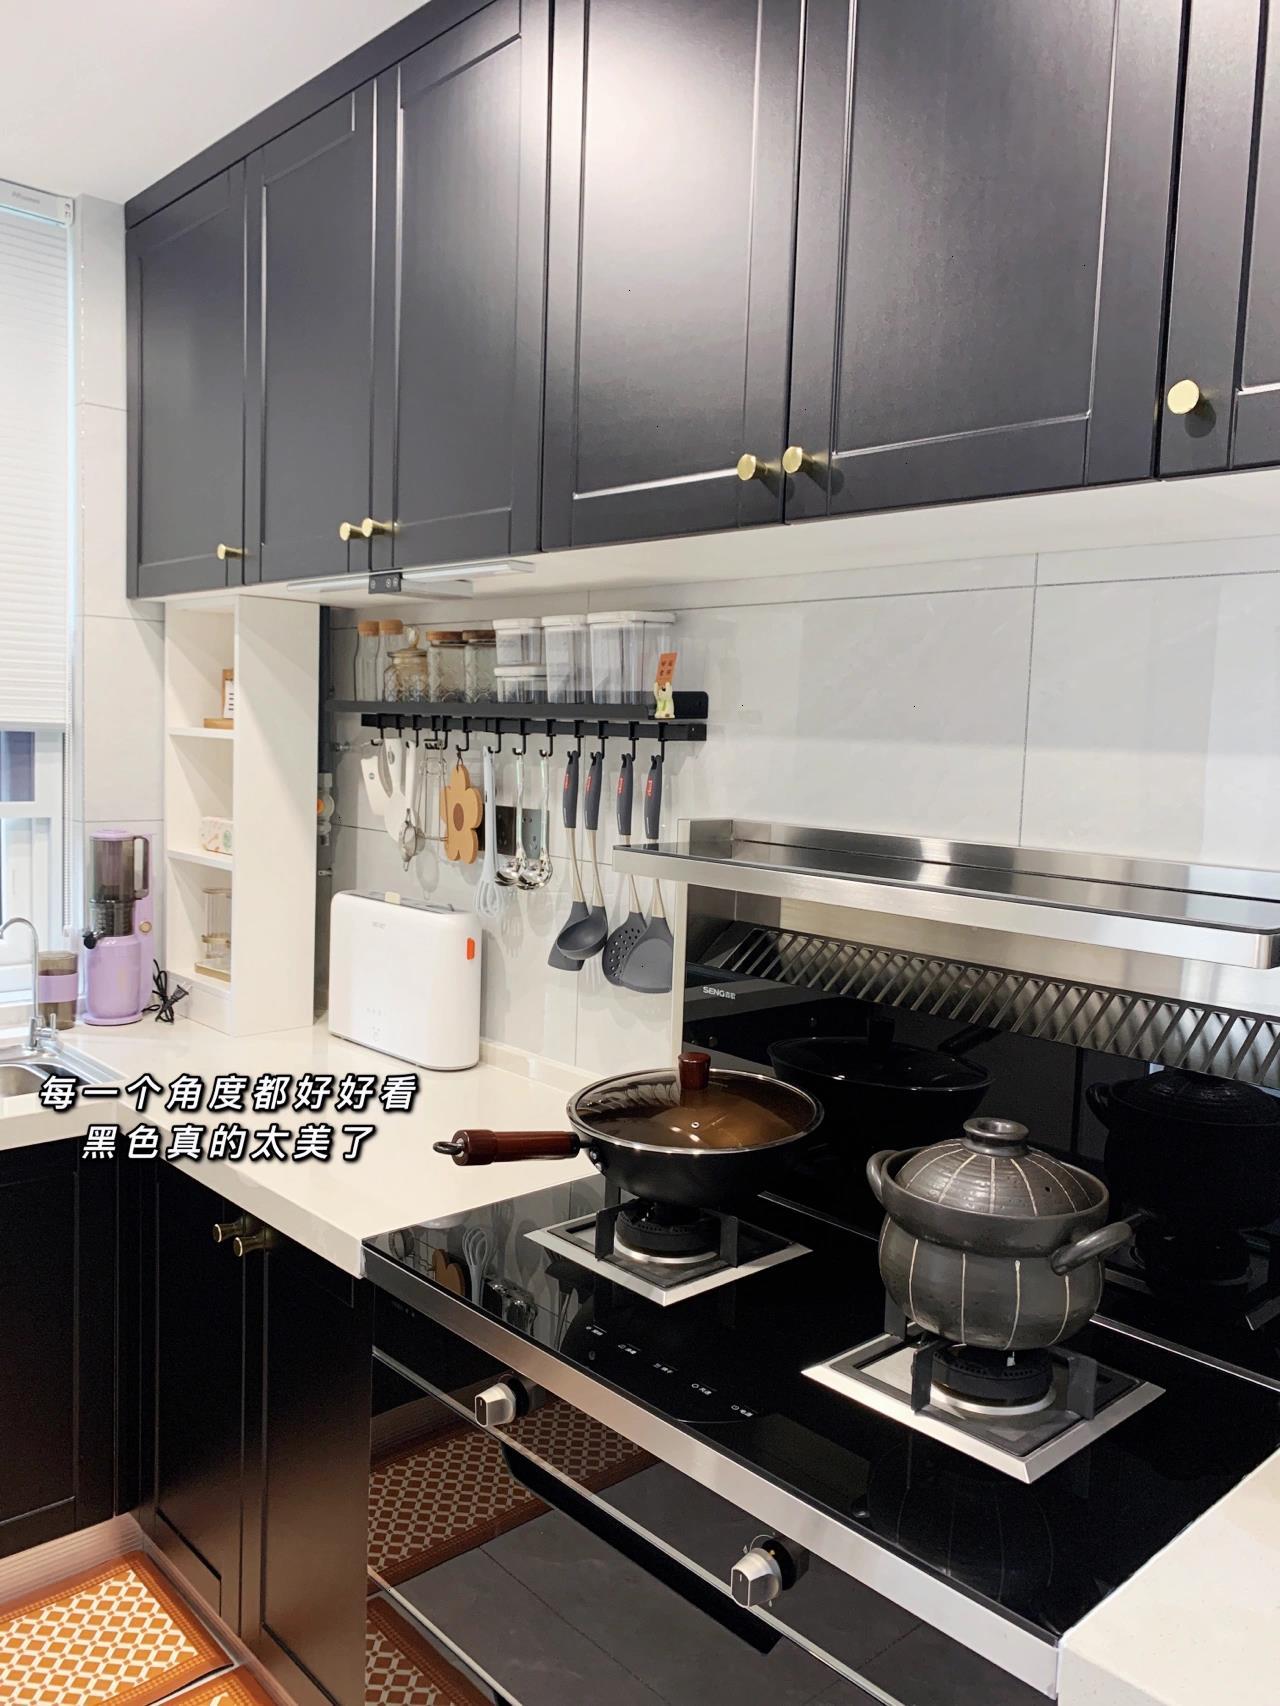 沐鸣2注册登录 花31万的新房装修来了,从色彩到布局都很宜家,尤其是收纳太绝了